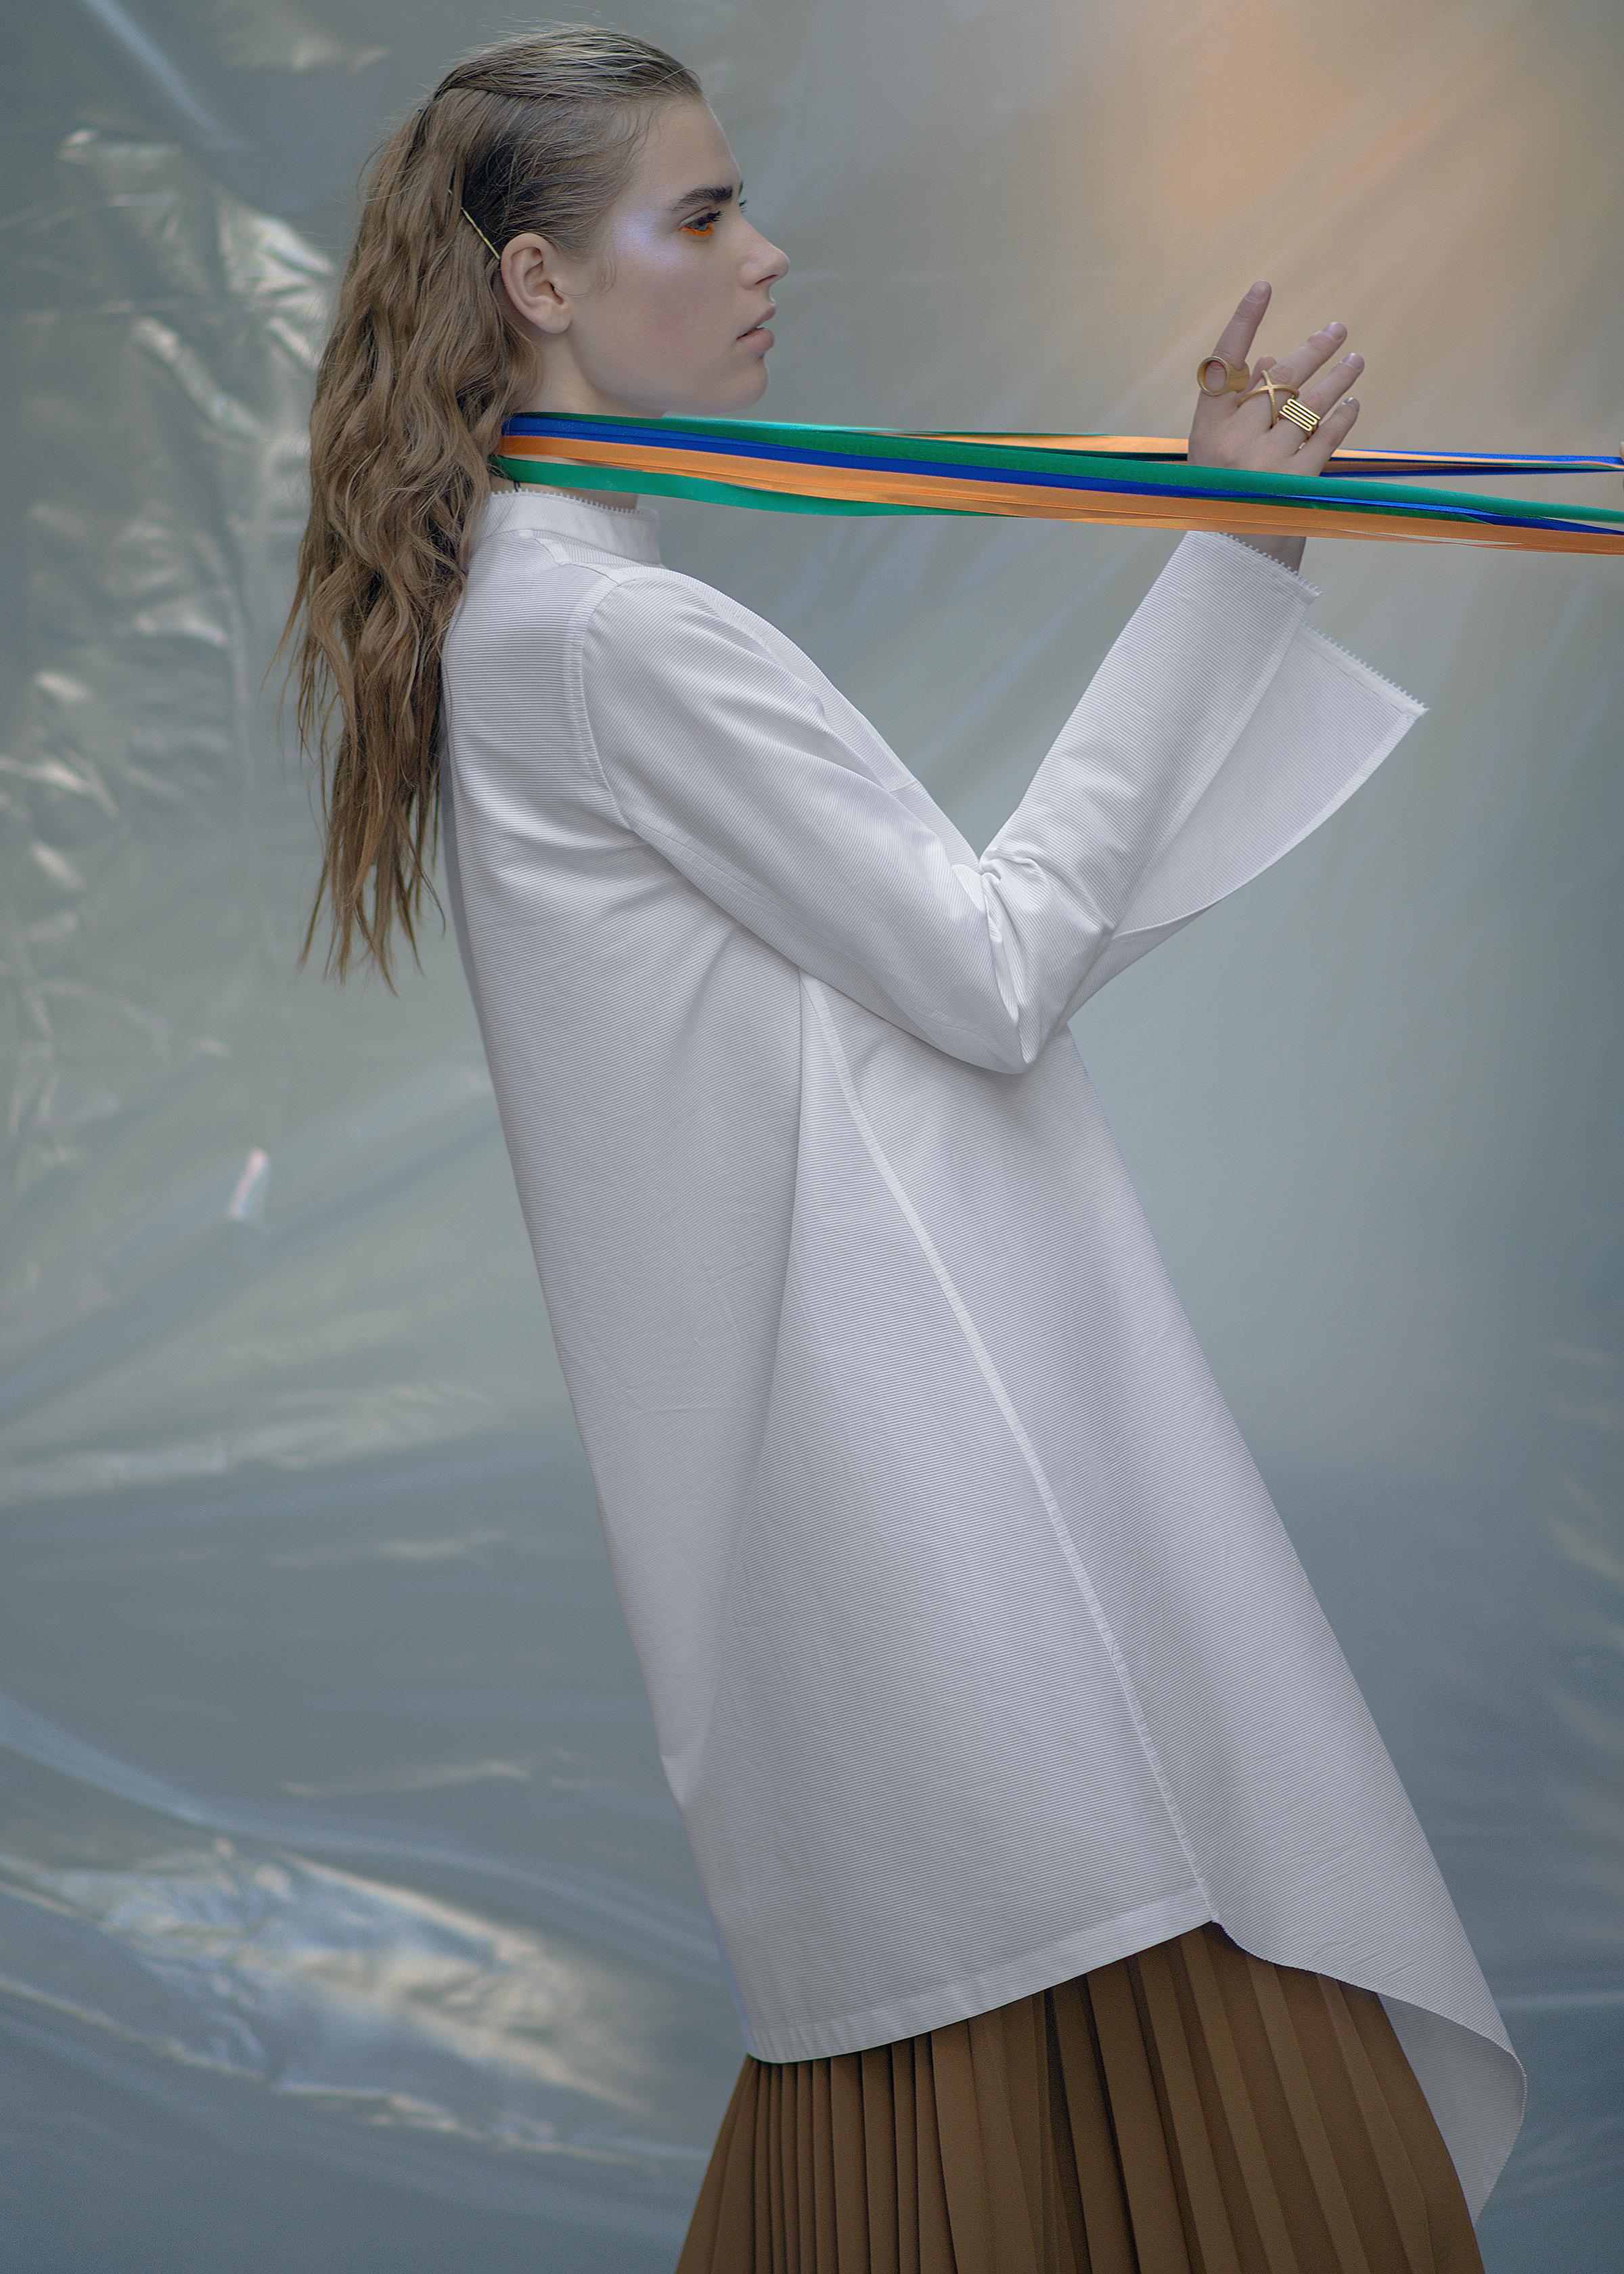 Dress PRZHONSKAYA Skirt FLOW THE LABEL Babushka Stylist's own Rings ABCDRINGS